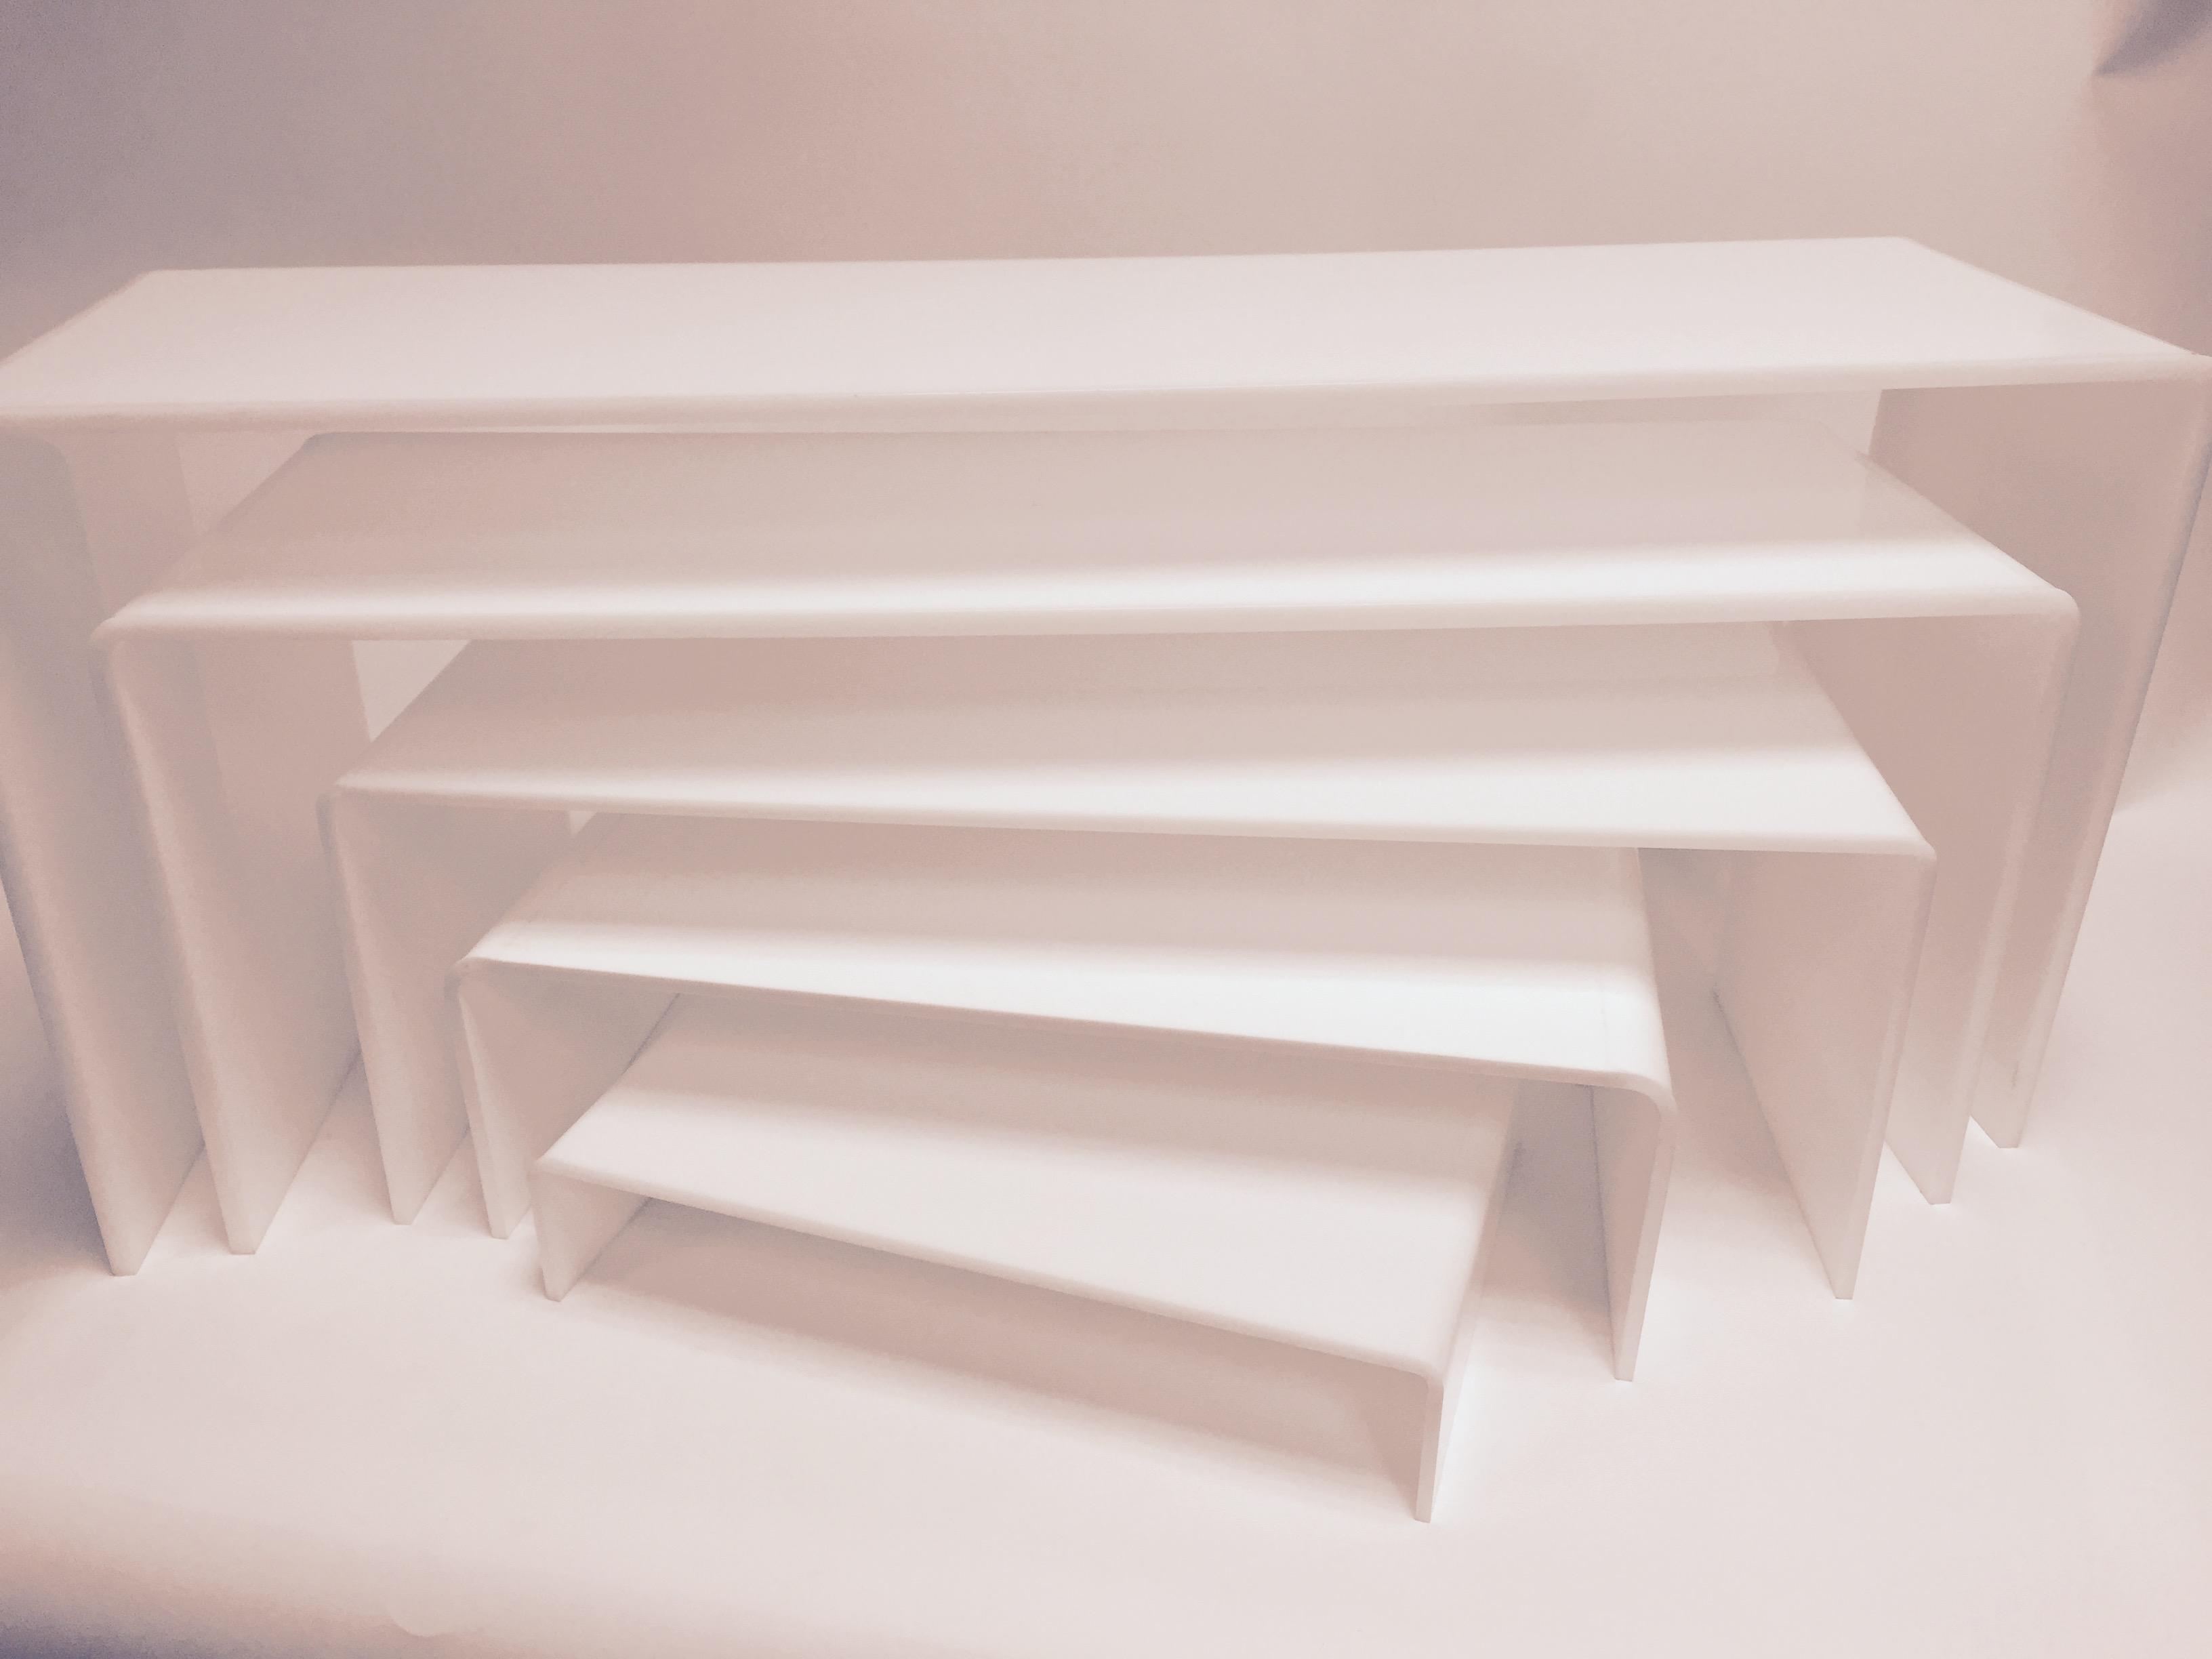 rehausses Gigognes Plexi blanc, set de 5 rehausses